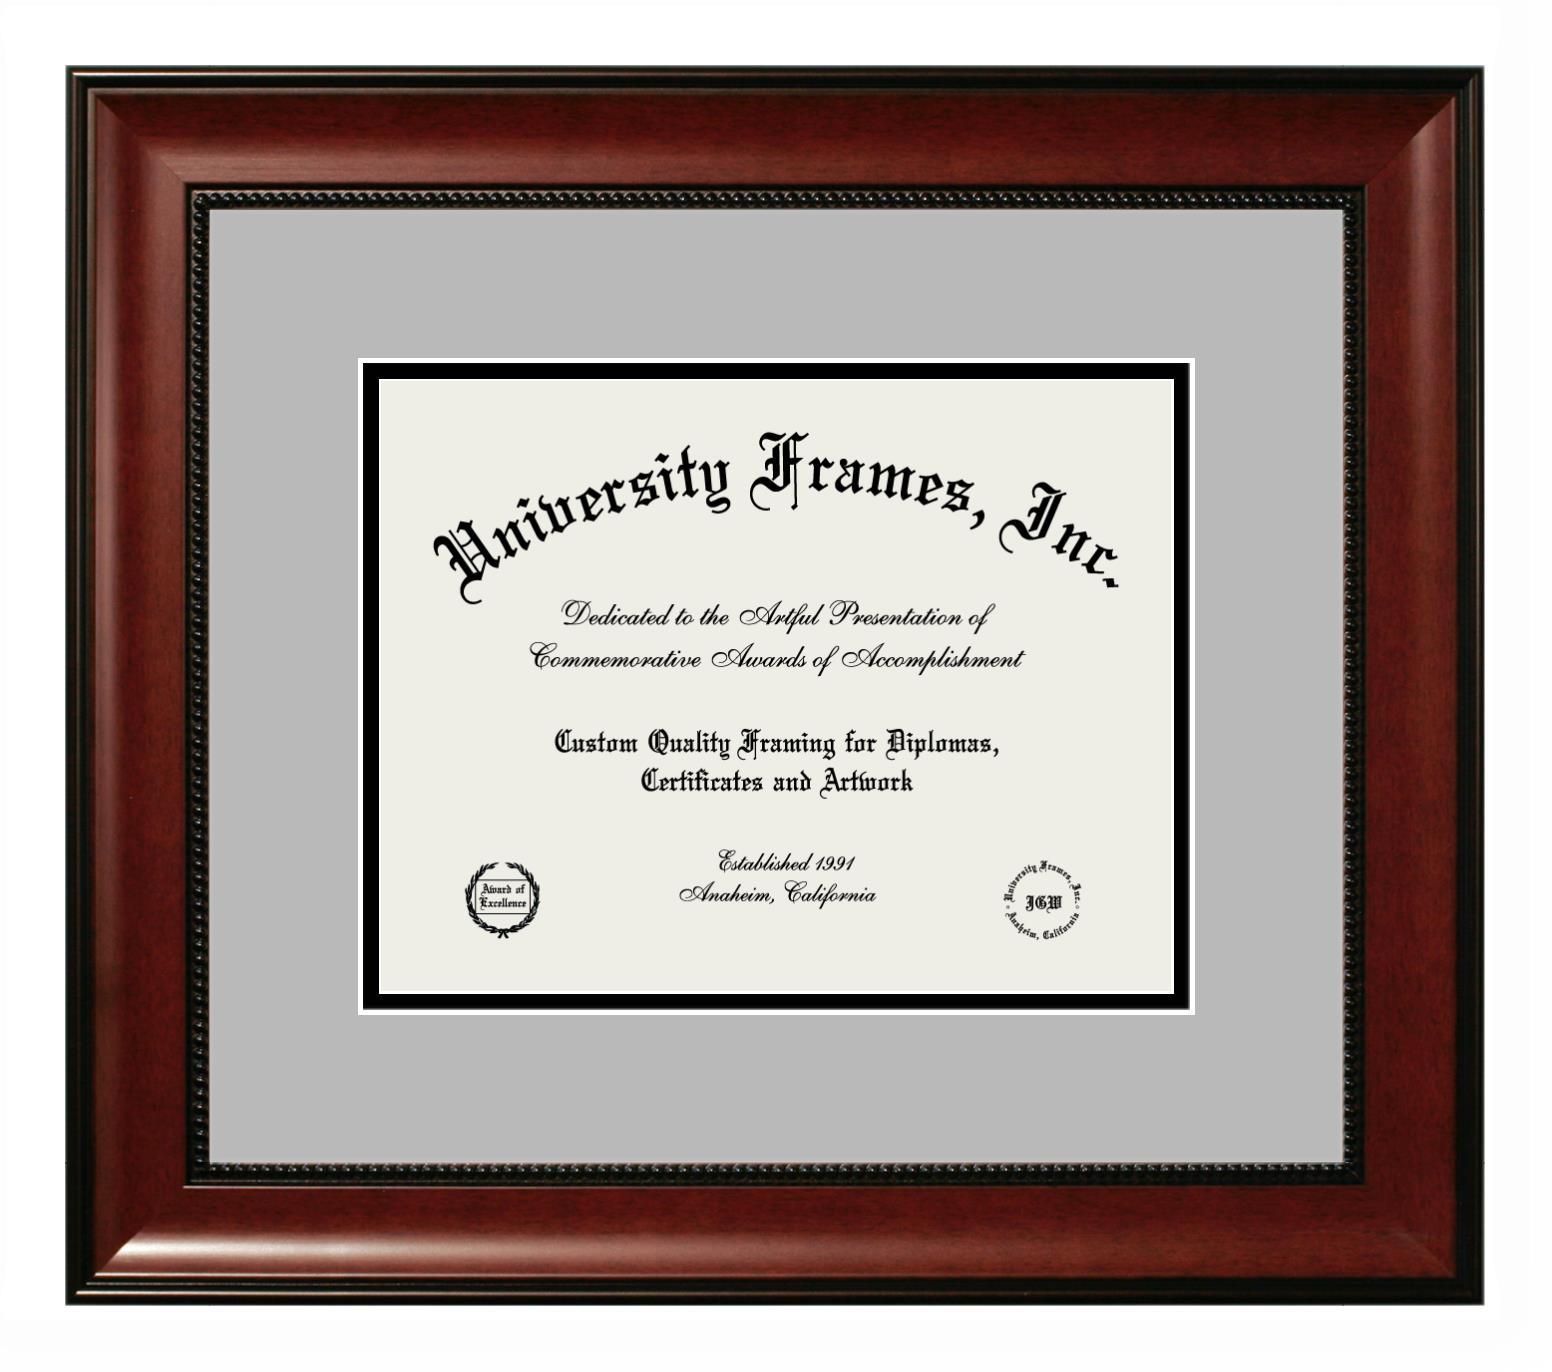 Diploma Frame in Avalon Mahogany with Gray & Black Mats